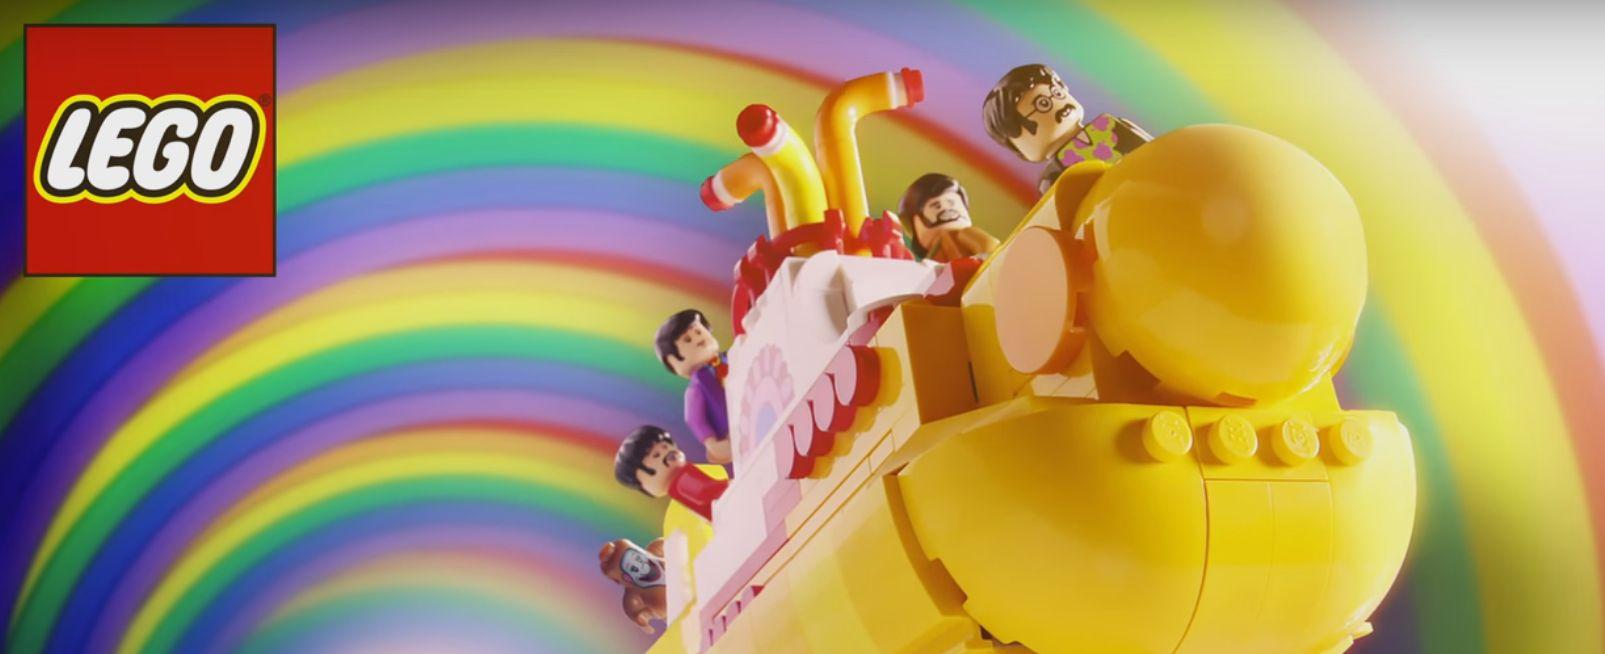 Przedstawiamy Beatlesów w wersji Lego!